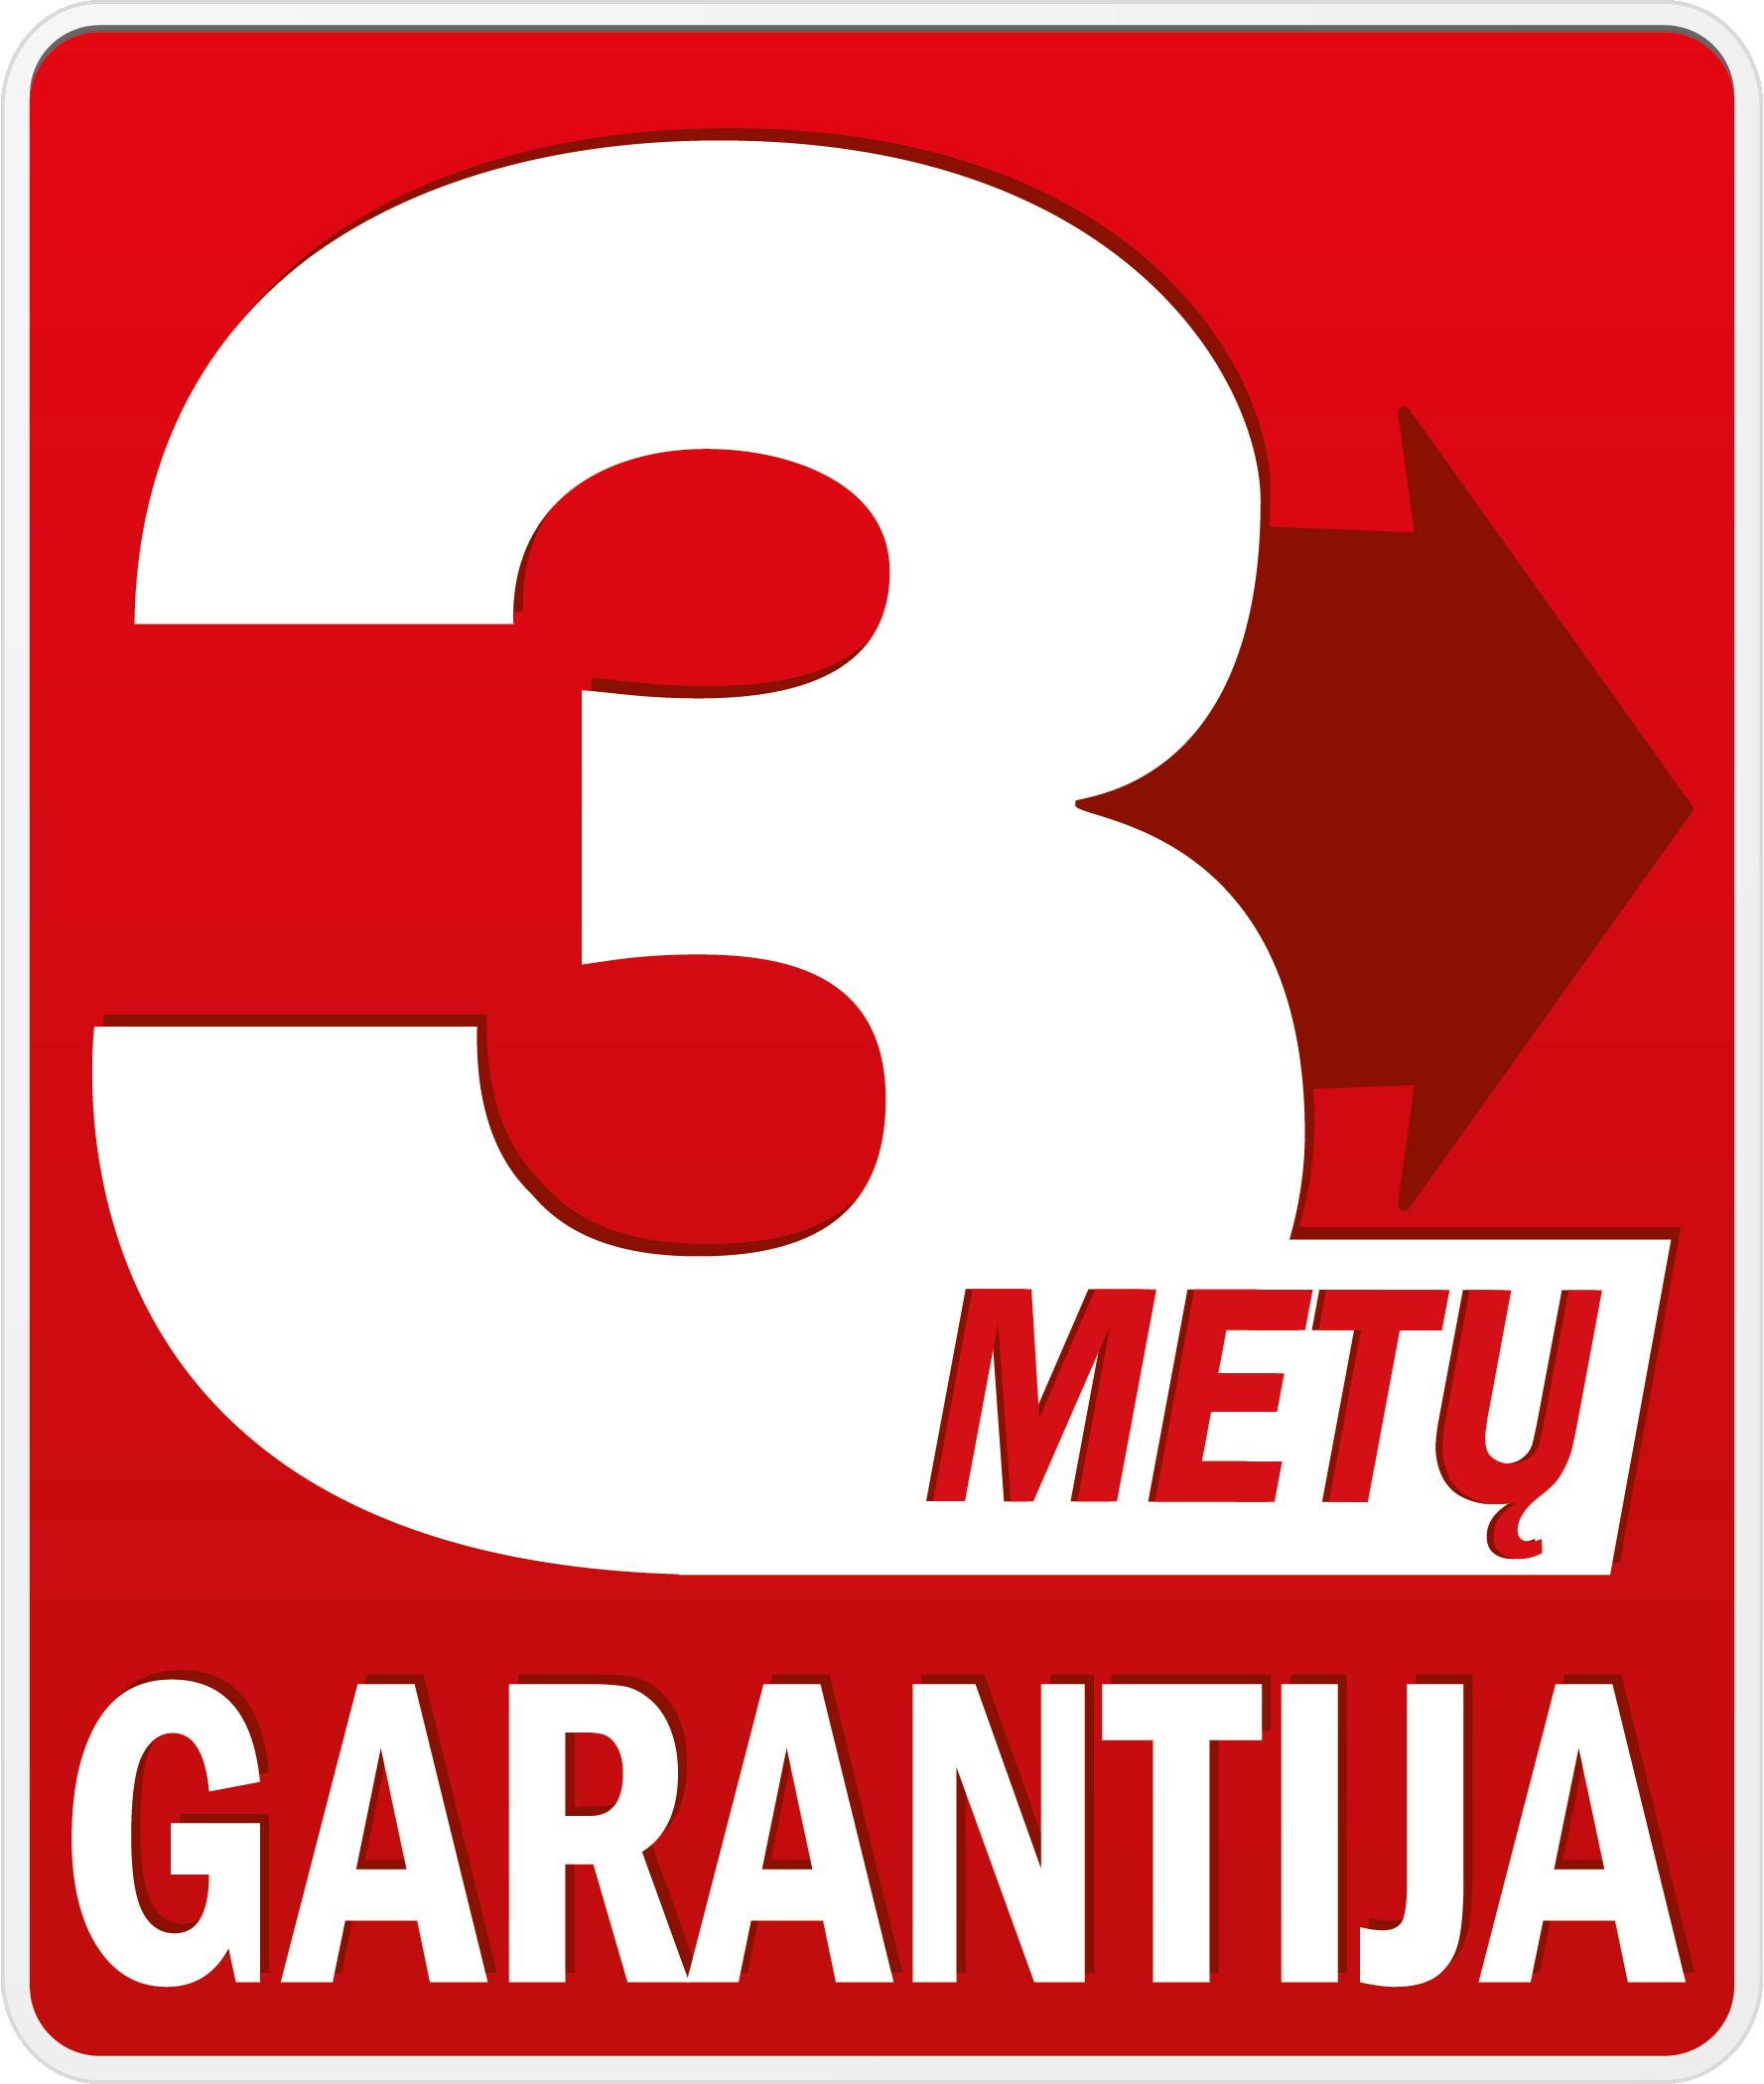 3 metų garantija